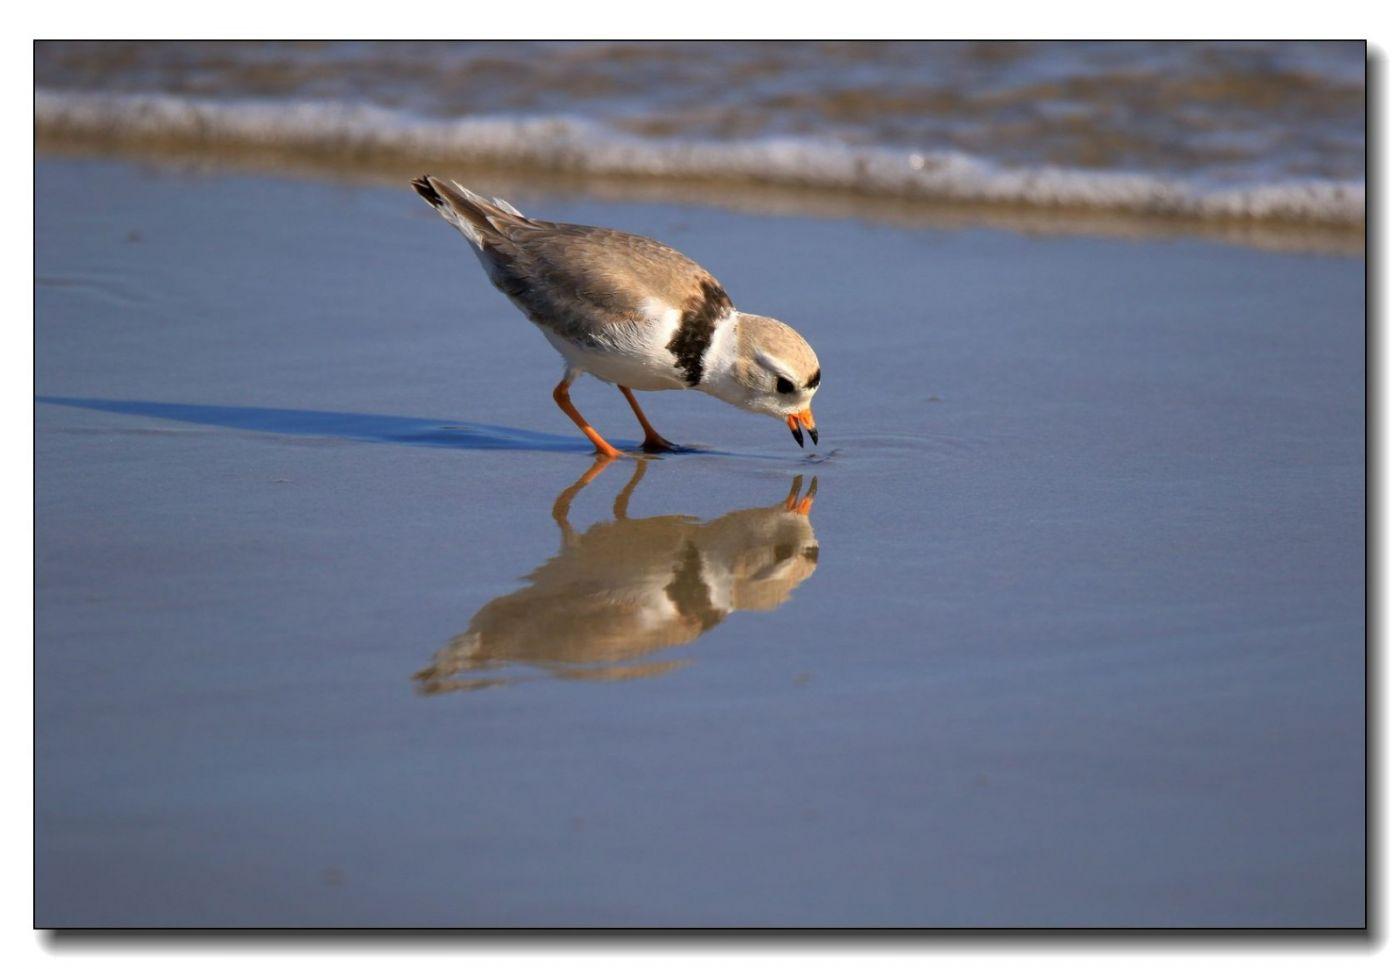 洛克威海滩拍鸟—环颈鸻_图1-15